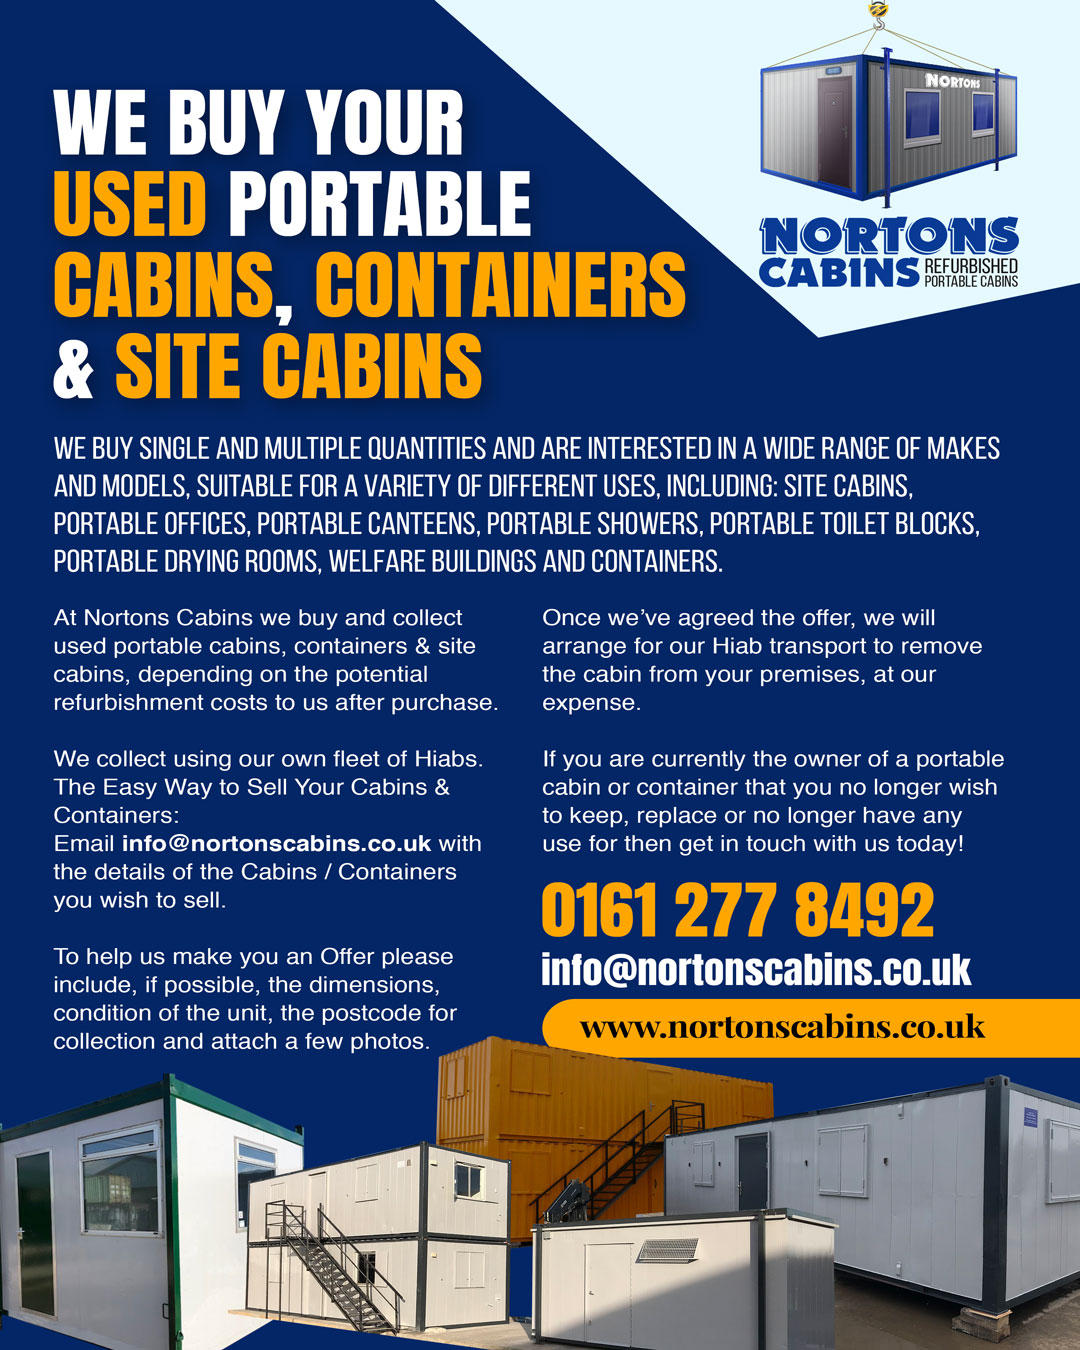 insta-we-buy-nortons-cabins-manchester.jpg